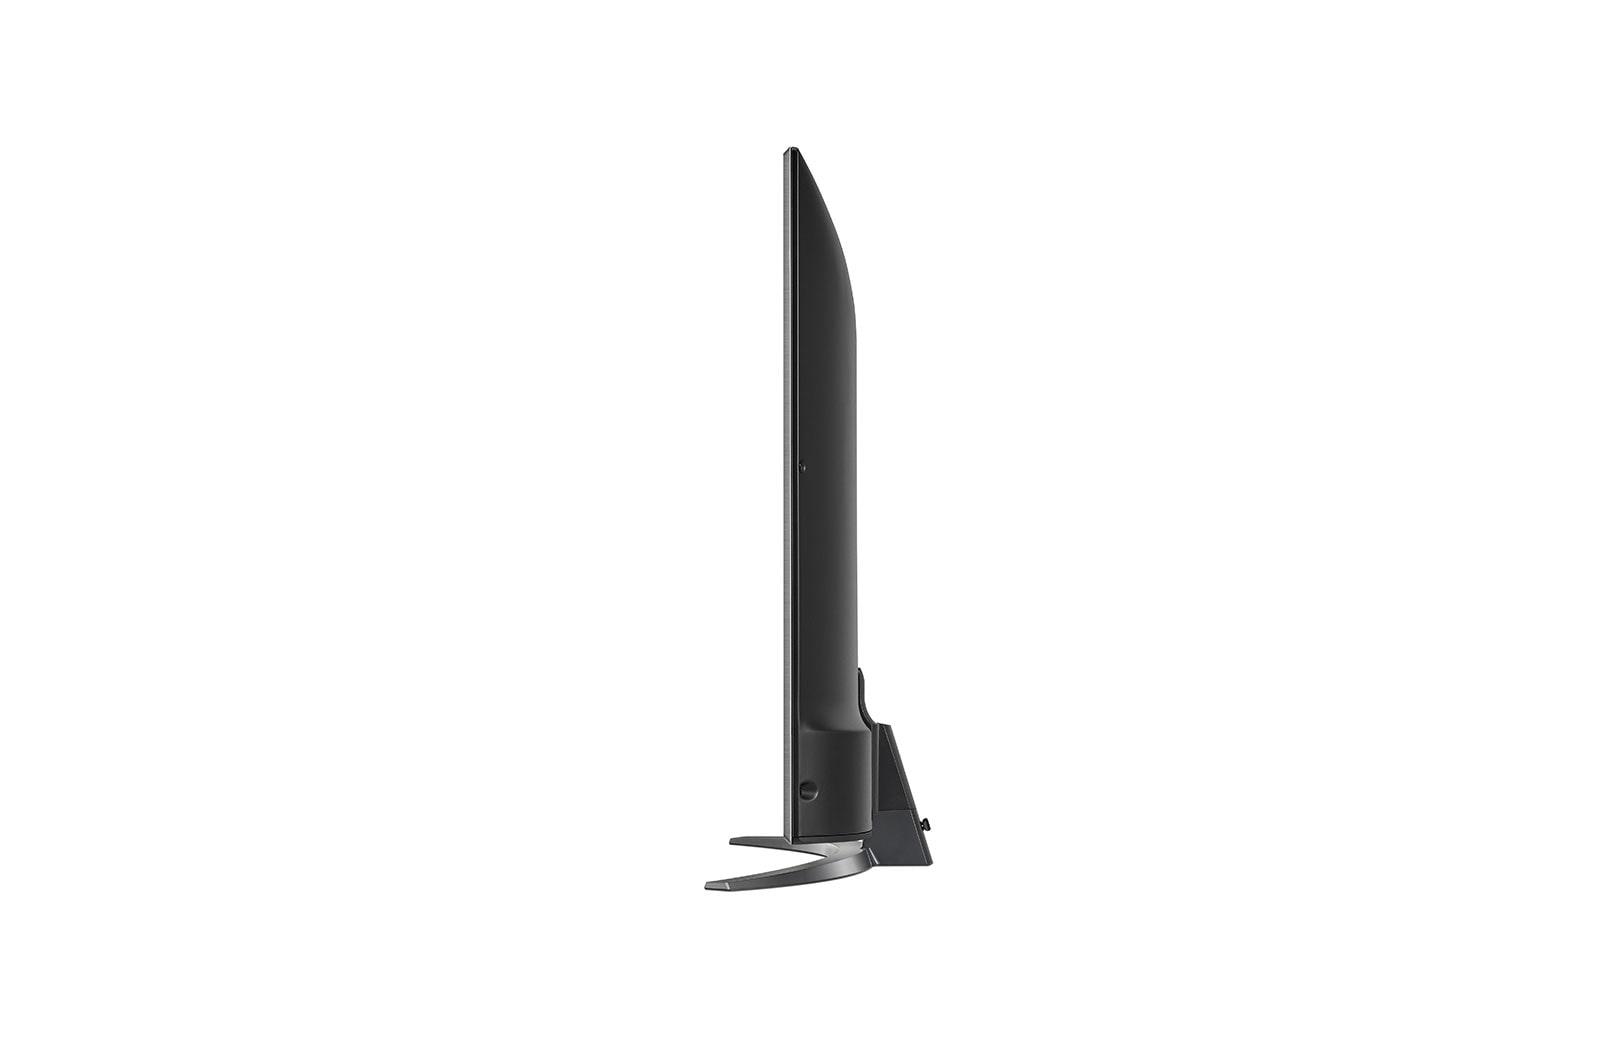 LG 50UN81006LB TV 127 cm (50